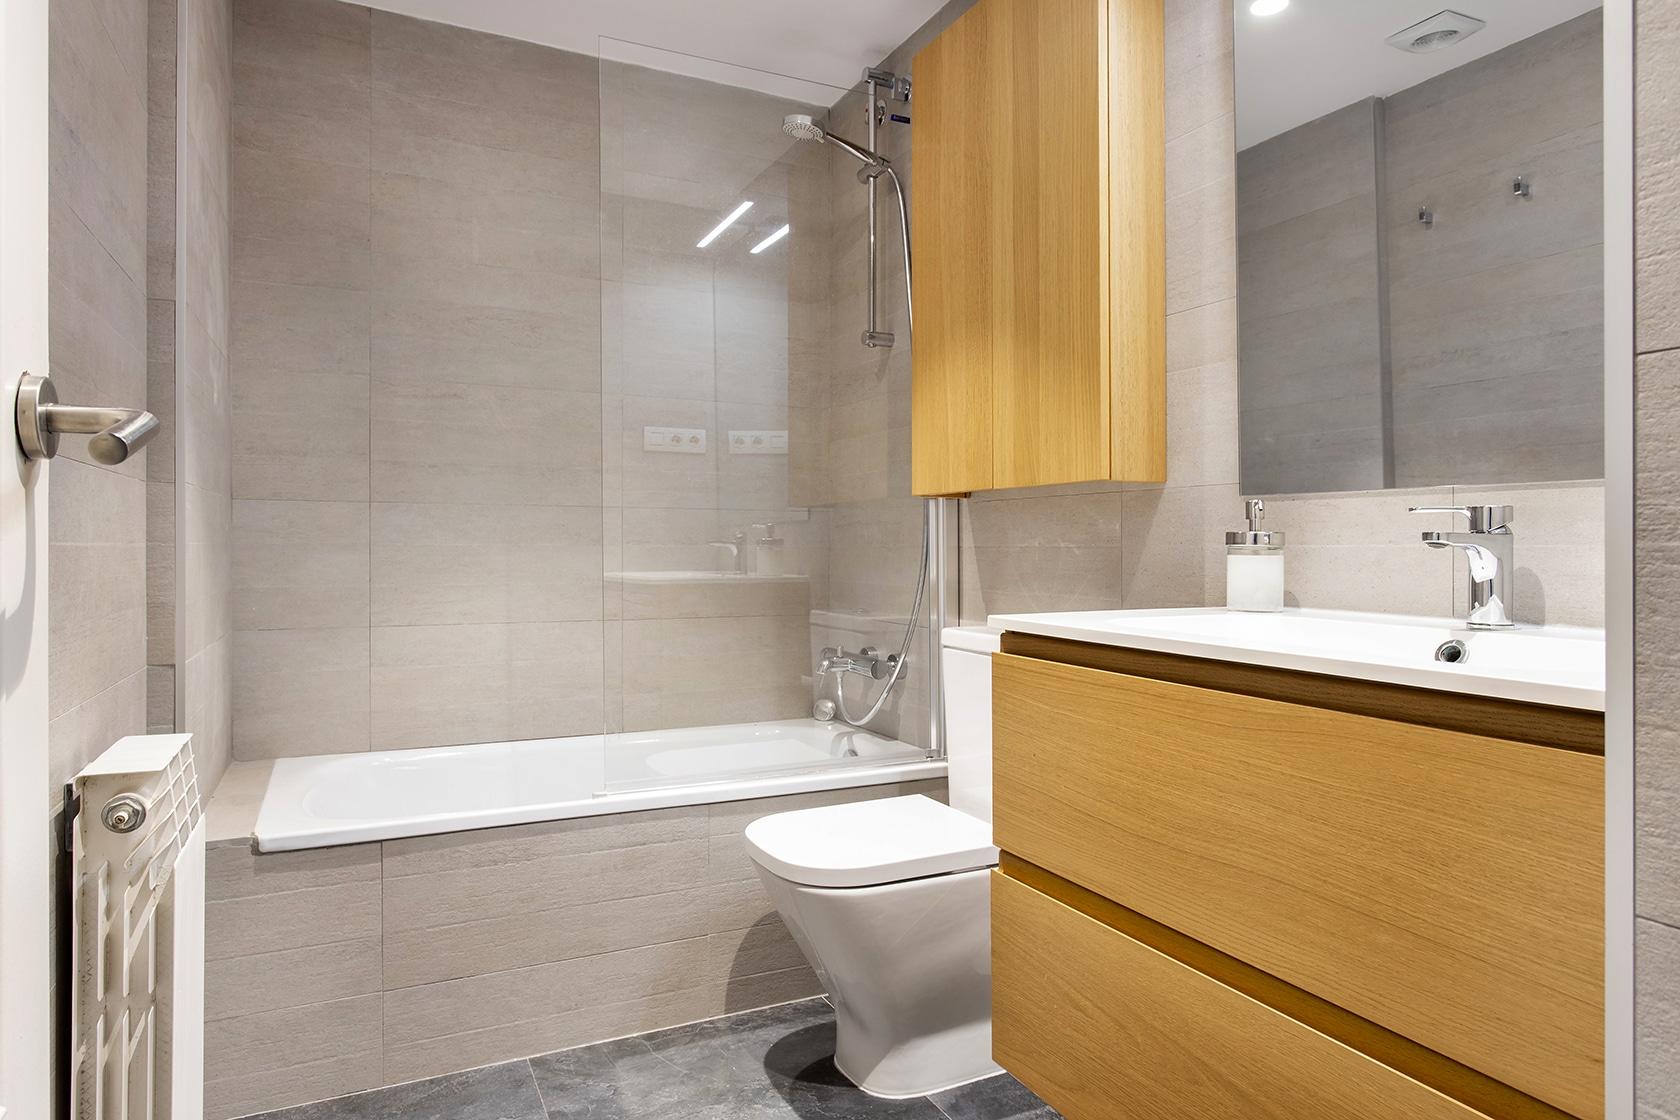 Bañera, inodoro y pica del baño